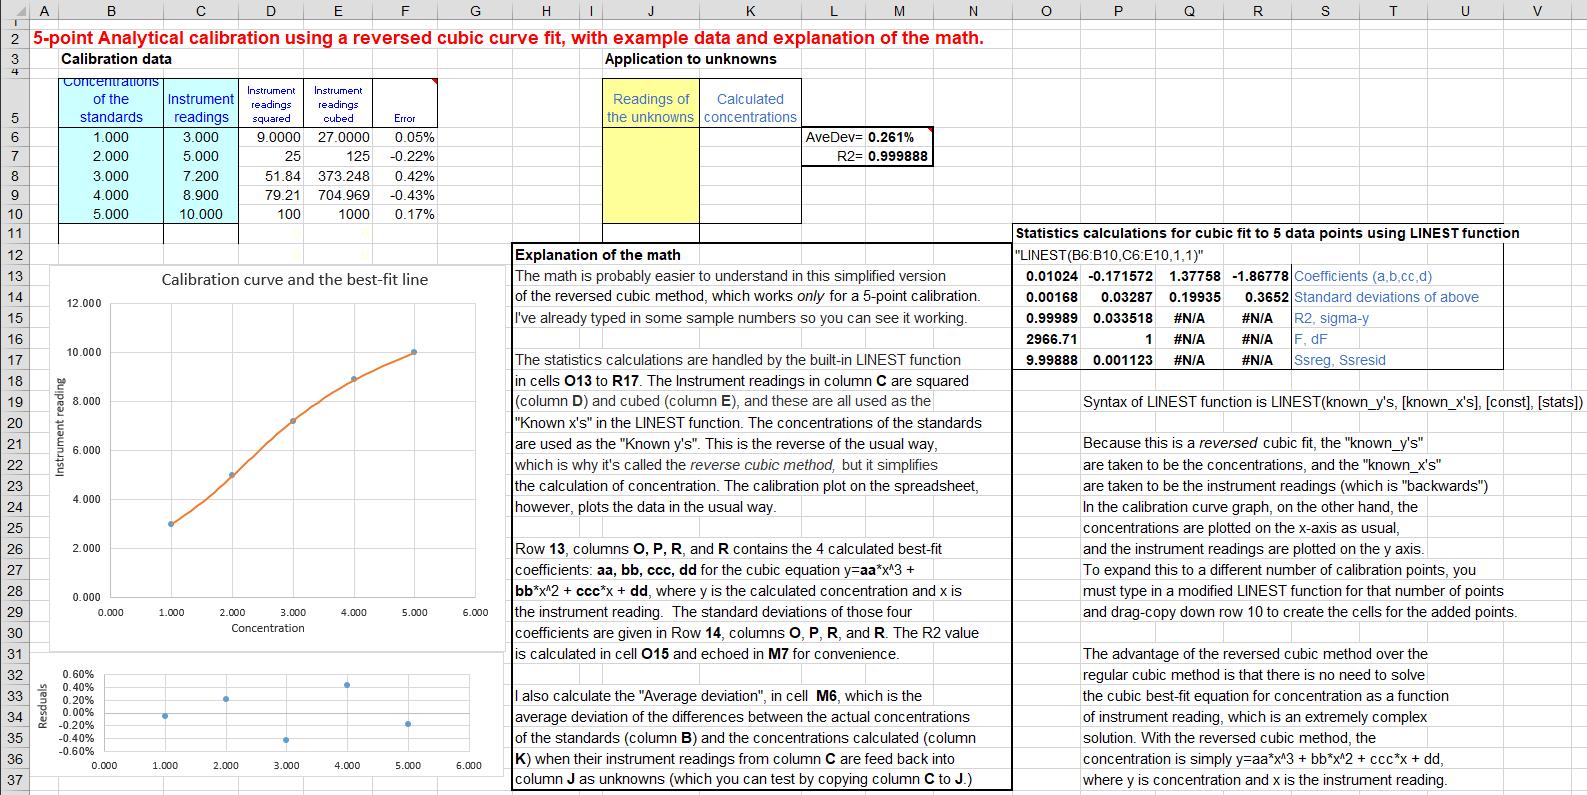 Worksheet Forytical Calibration Curve